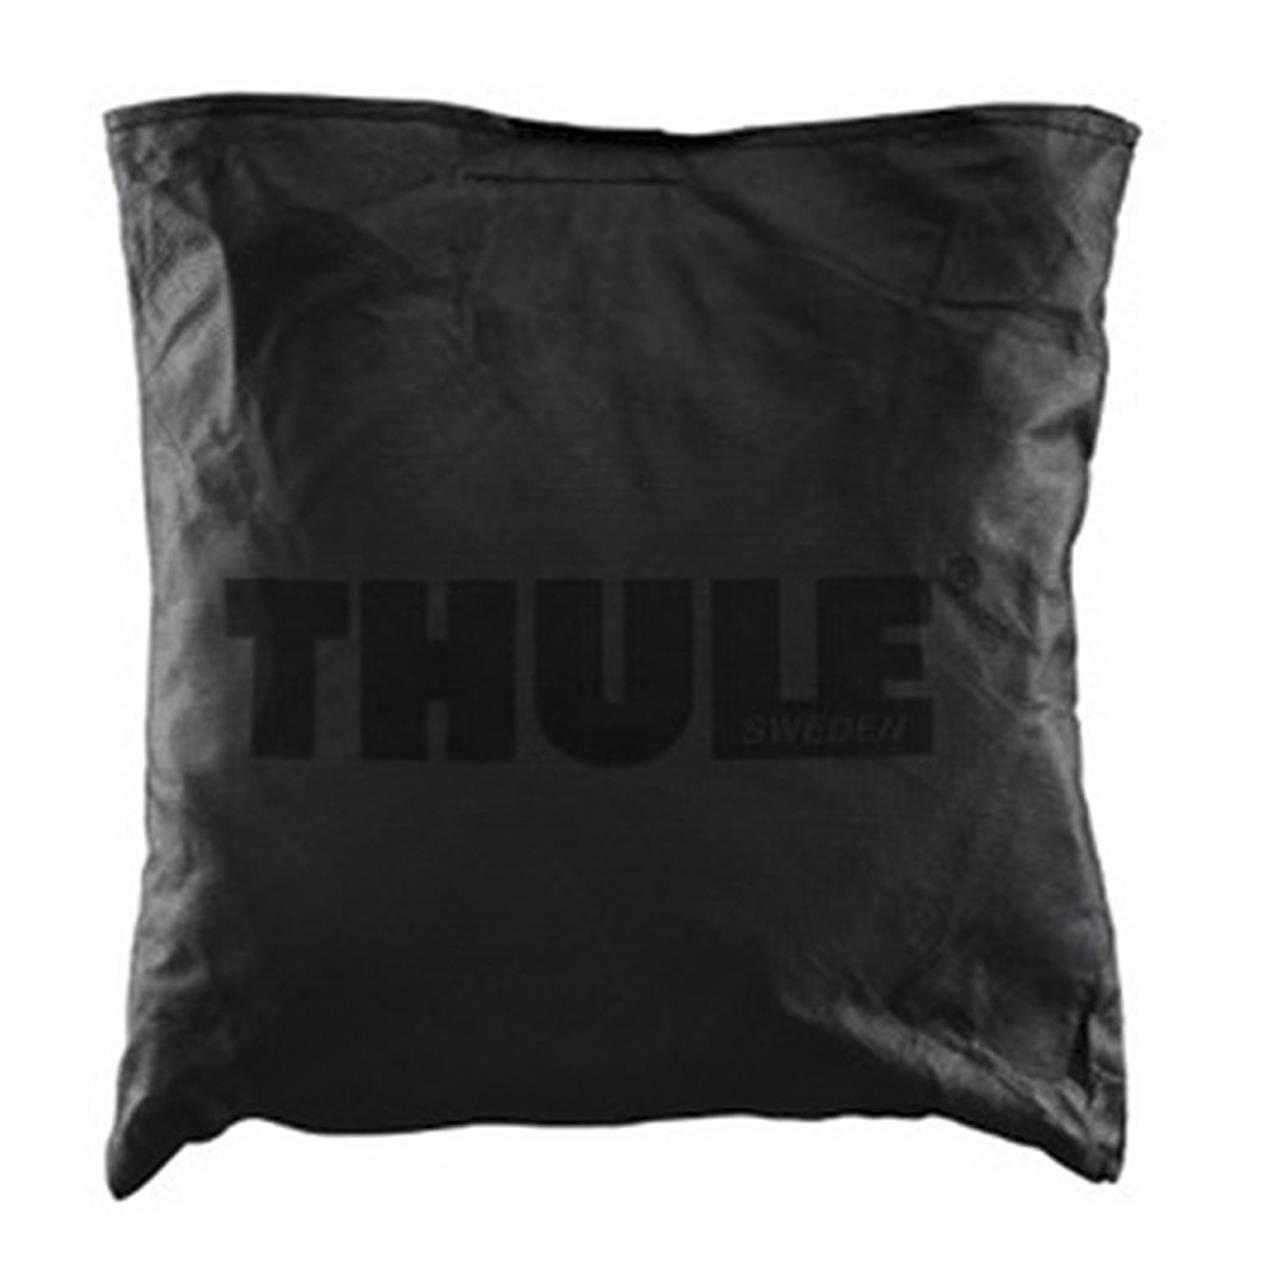 Husa de protectie pentru cutiile portbagaj Thule Box Lid Cover 6982 1